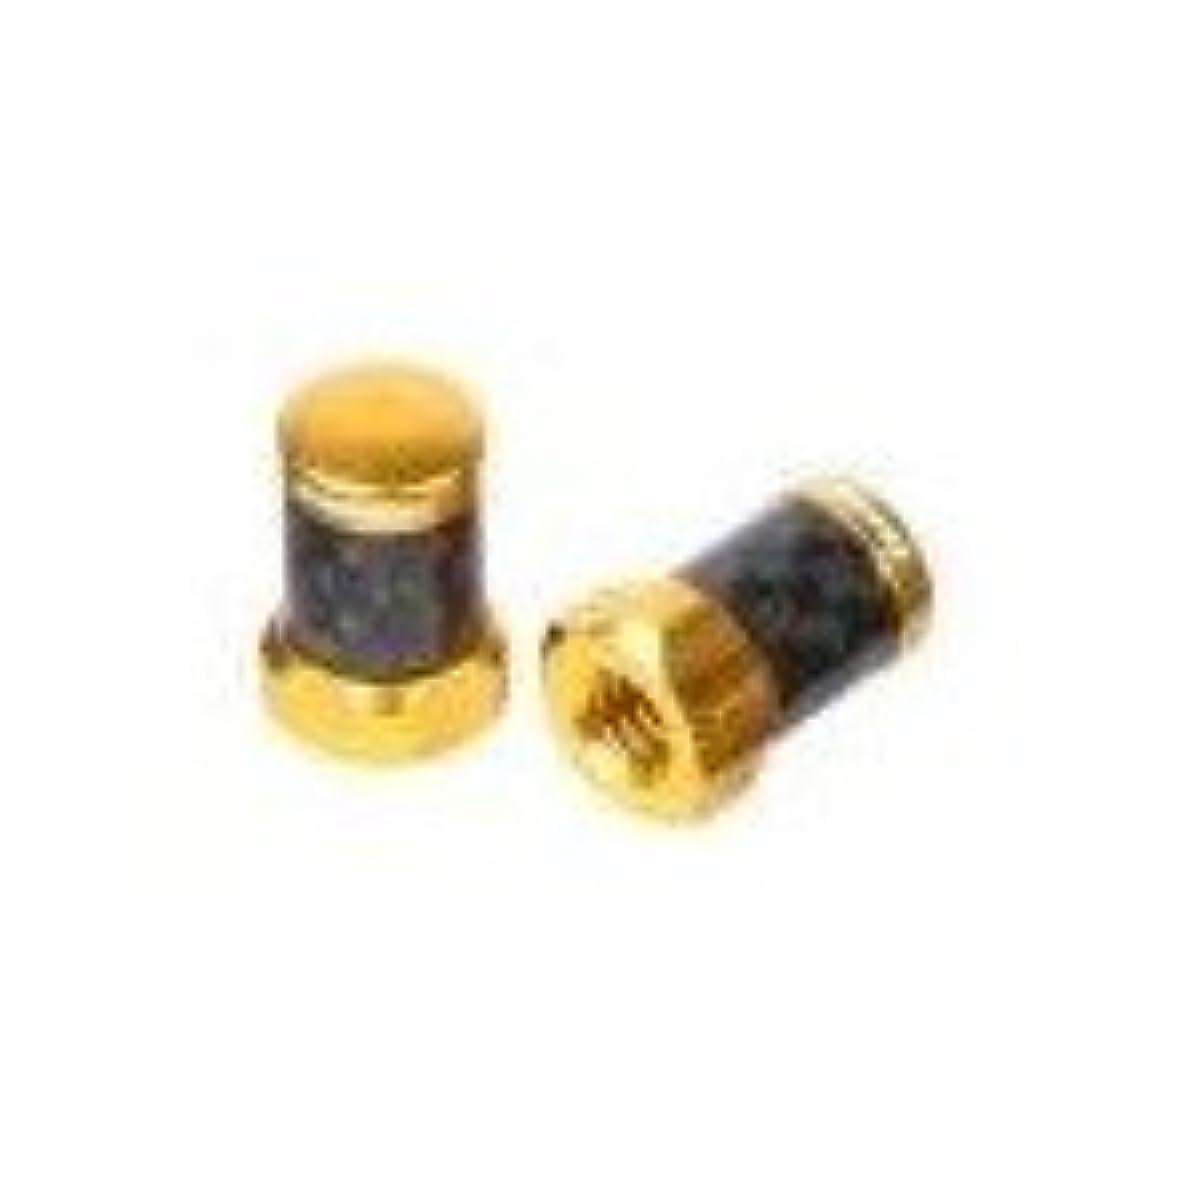 [해외] 【FN-CAVALVECAP/GO】FAR&NEAR 카본 프렌치 밸브 캡 2PCS 골드